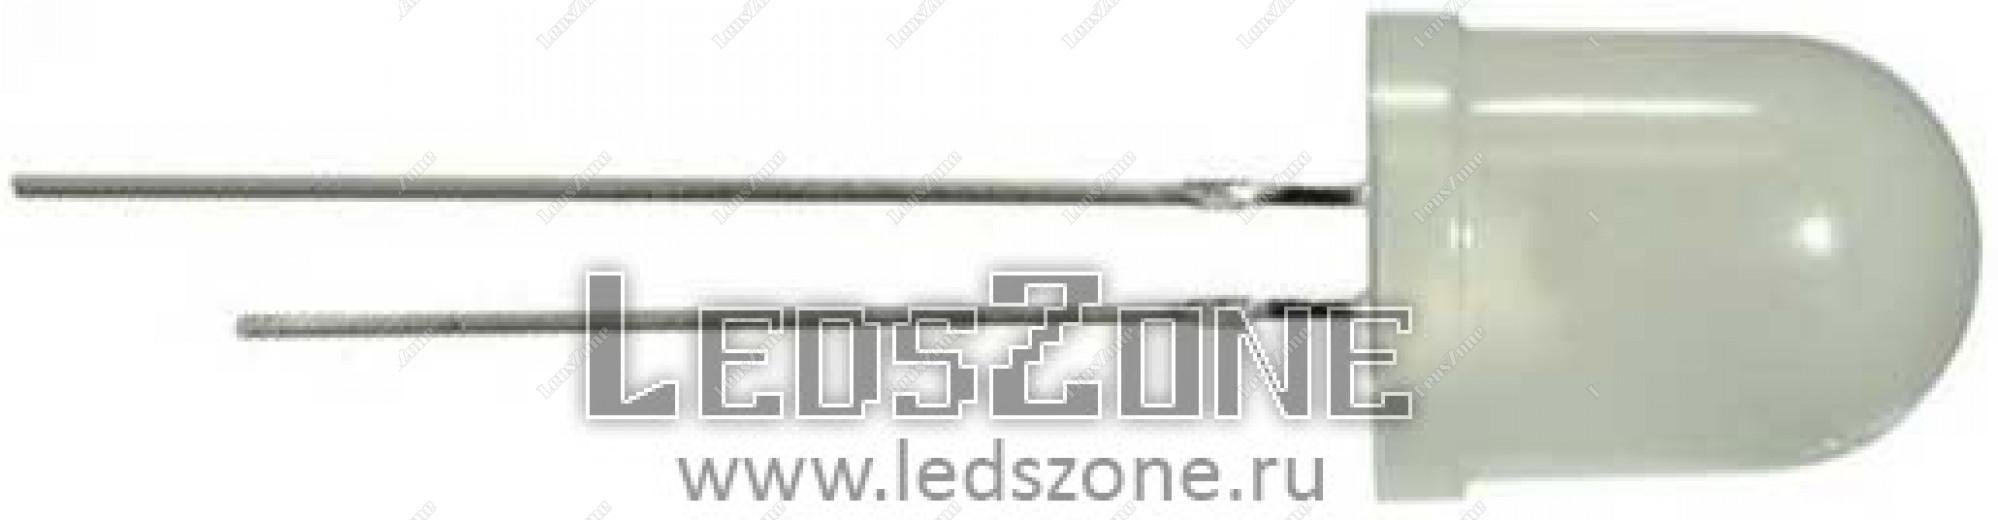 Светодиоды 10мм трехцветные медленно мигающие (белая матовая линза)